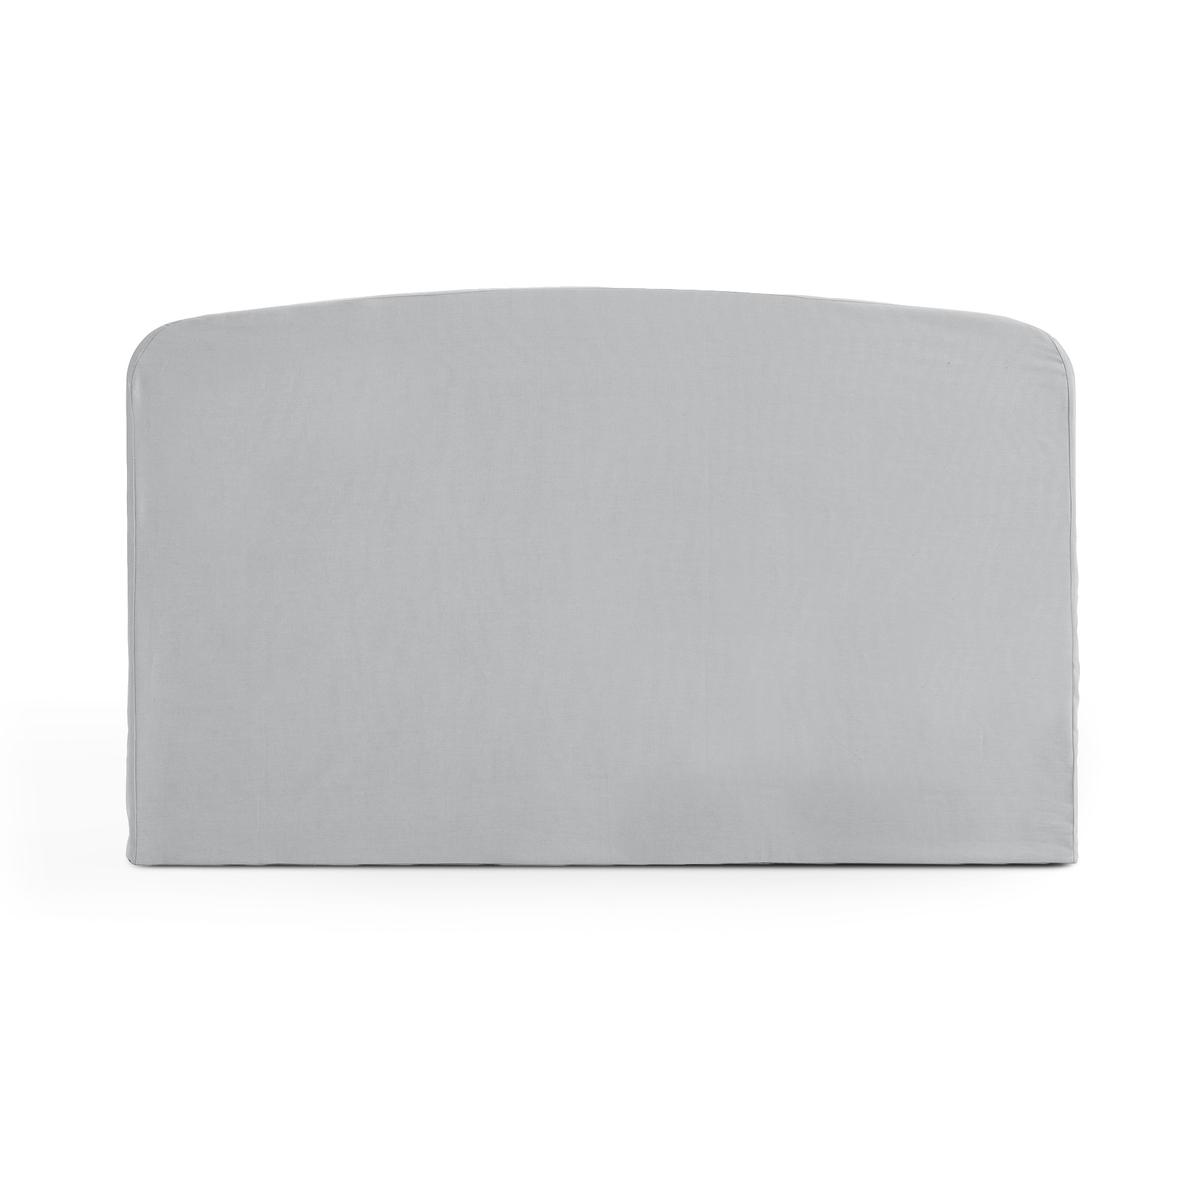 Чехол LaRedoute Для изголовья кровати округлой формы из хлопка SCENARIO 90 x 85 см серый чехол laredoute для изголовья кровати stadia 100 лен высота 120 см 120 x 10 x 160 см серый